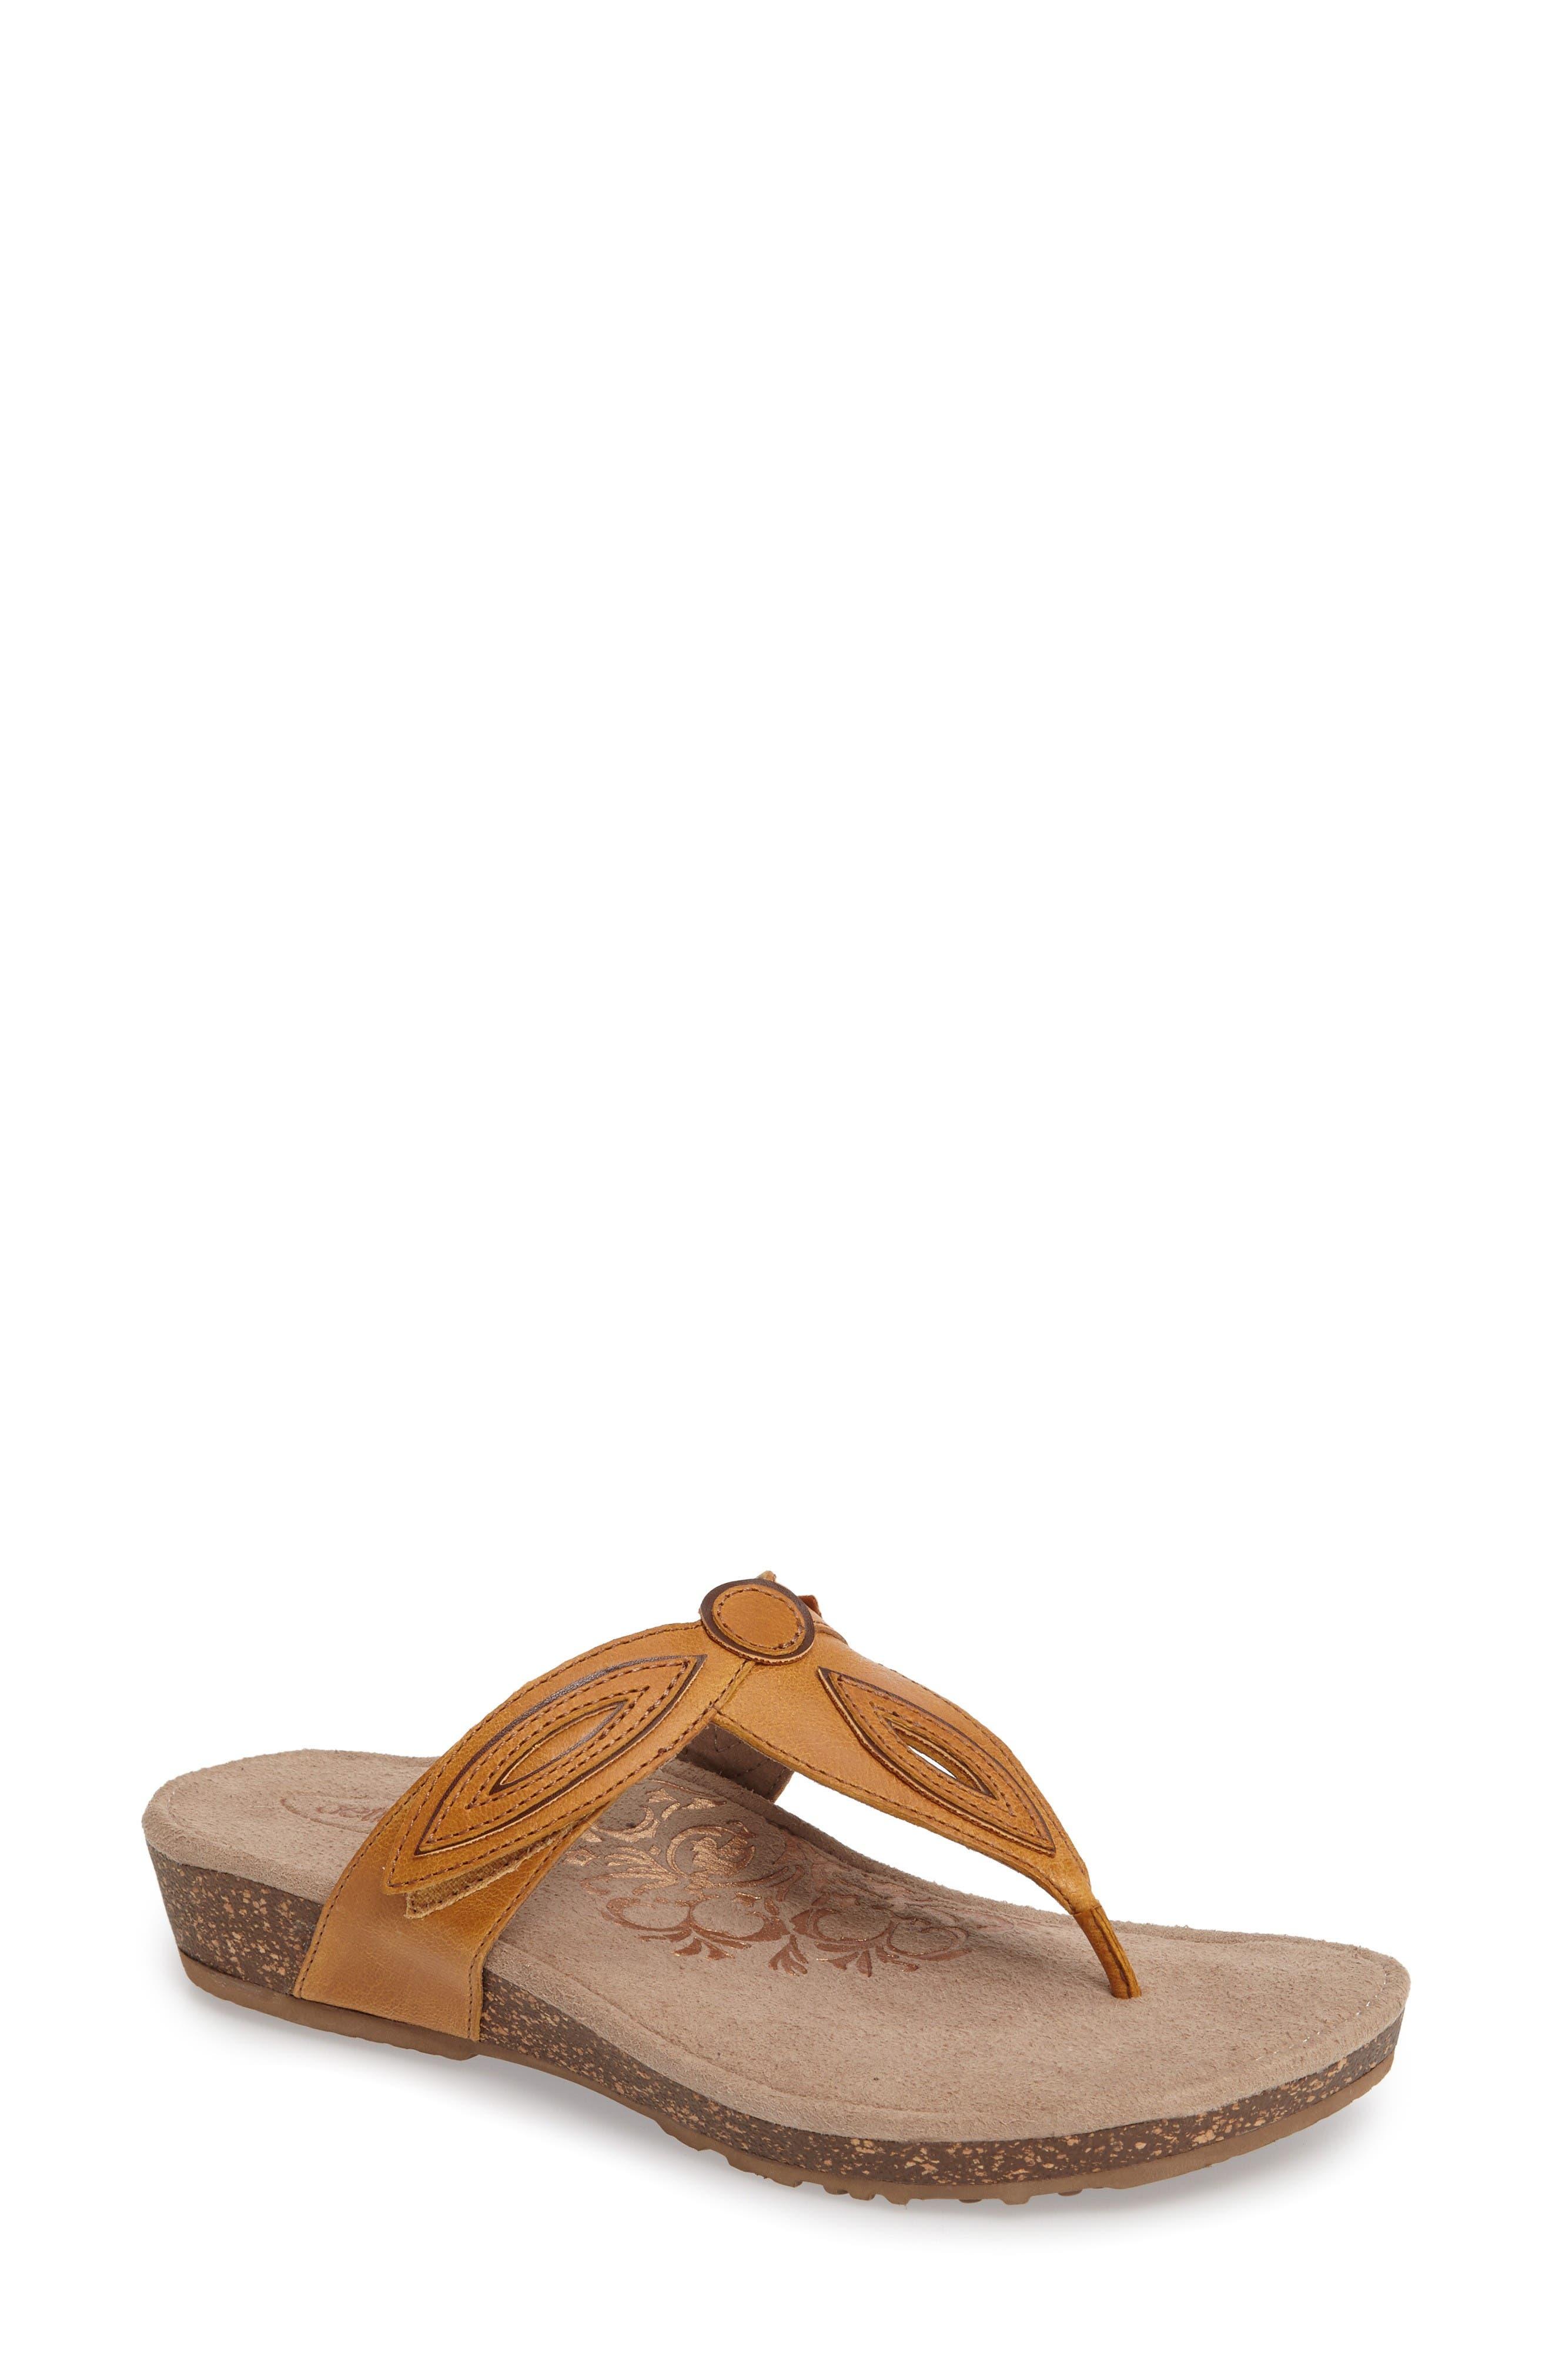 'Terri' Flip Flop,                         Main,                         color, Mustard Leather